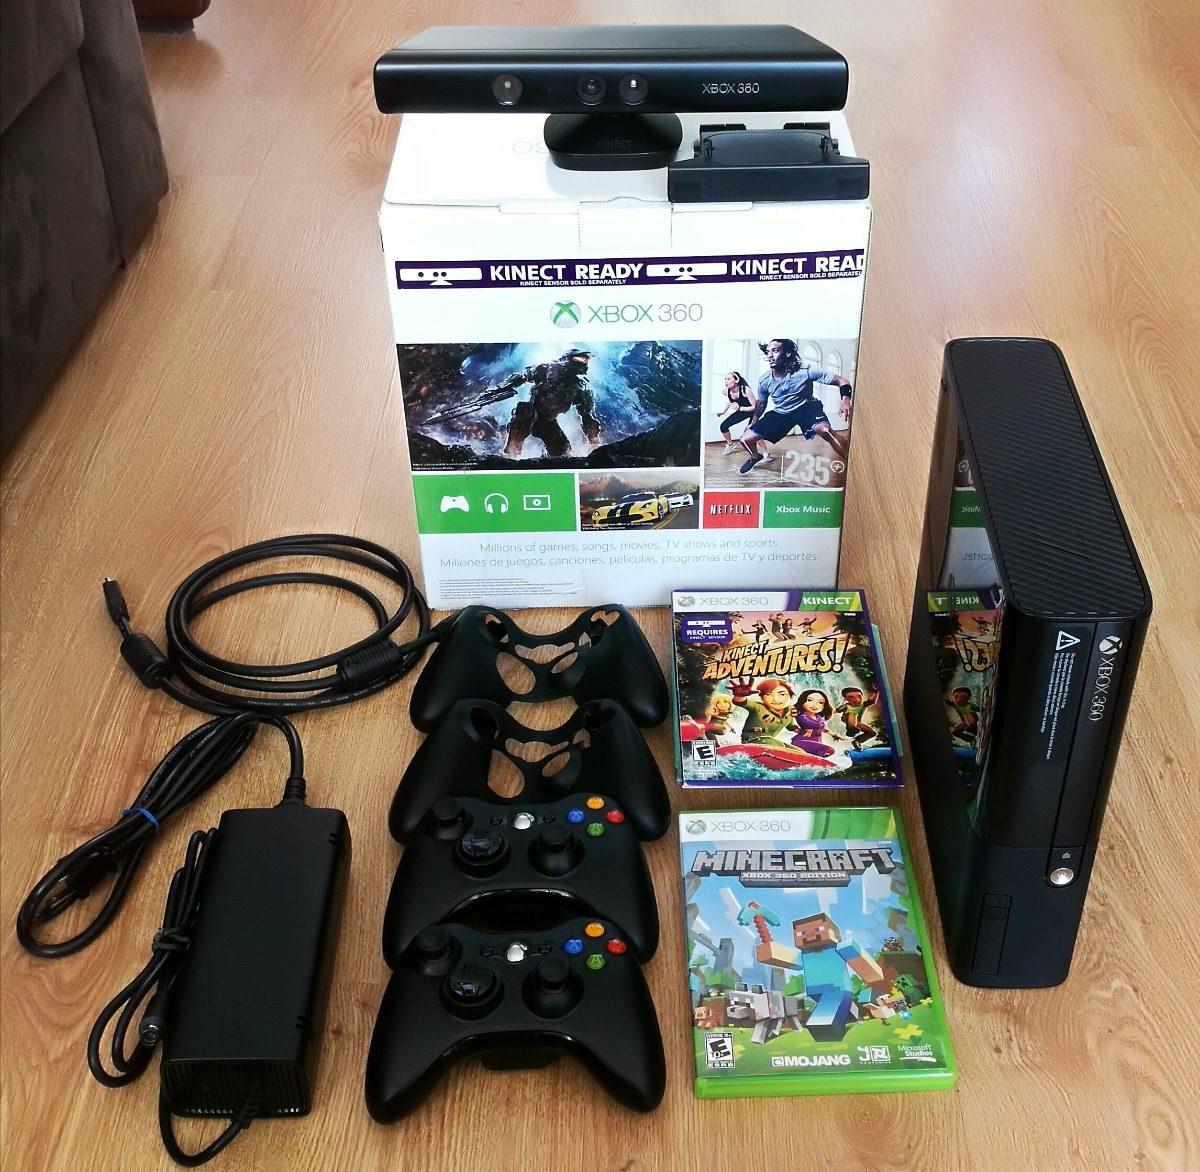 Xbox360 Como Nuevo Con 500gb Kinect 2 Controles 88 Juegos